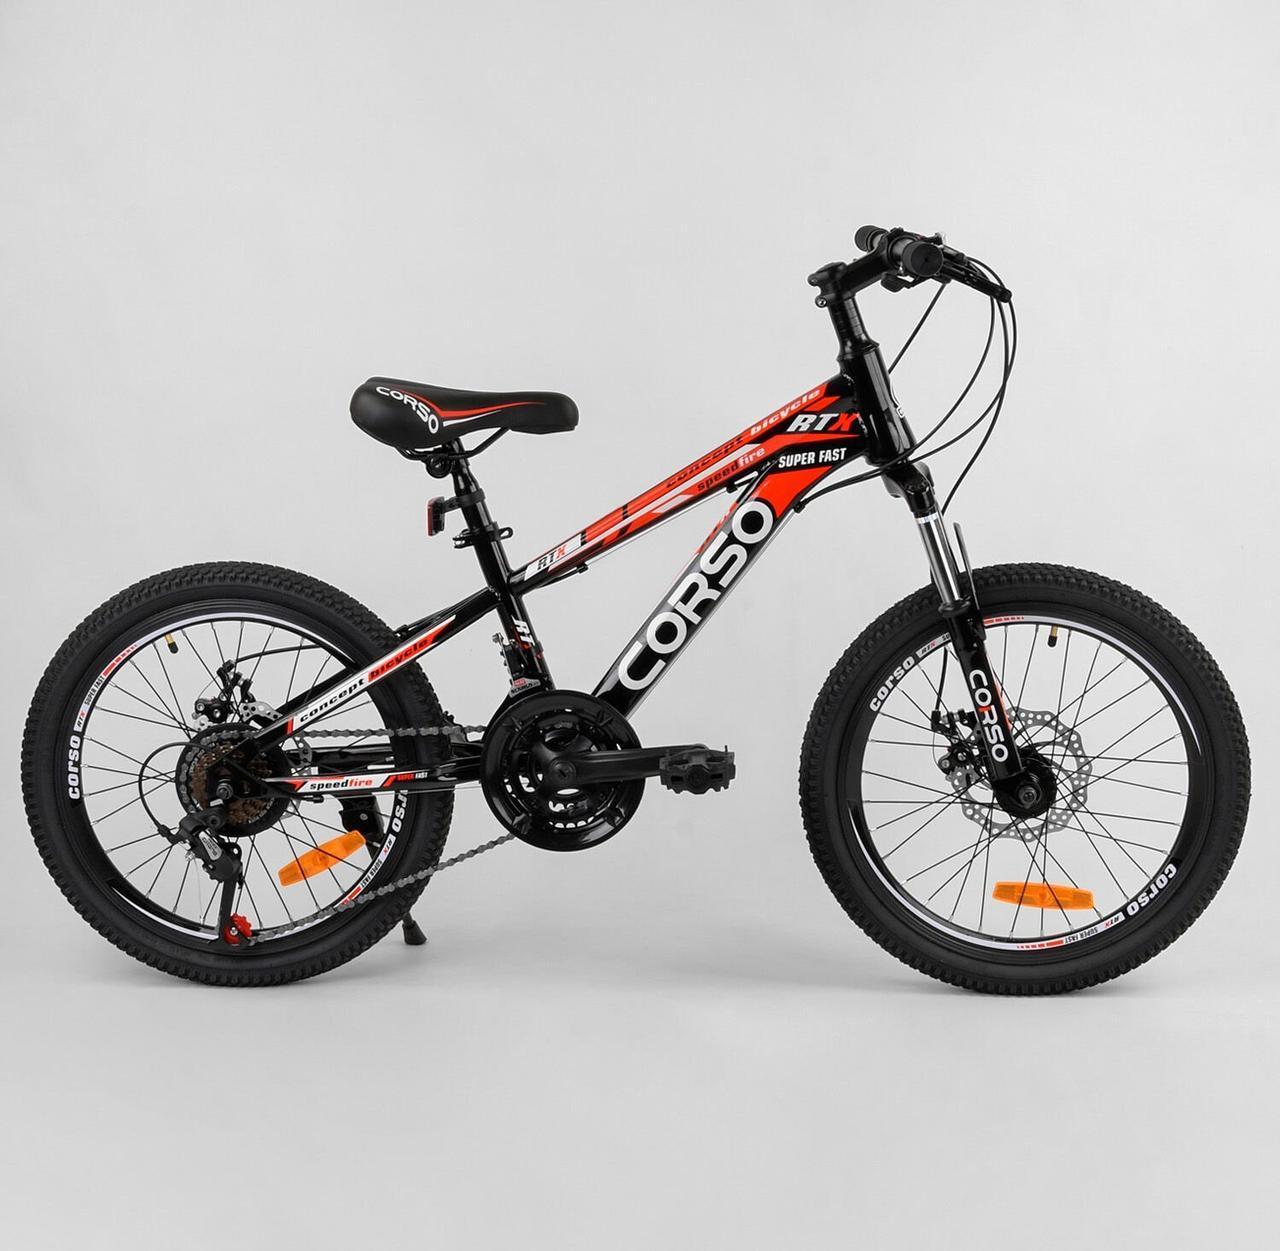 """Спортивный детский велосипед, скоростей 21, ручной тормоз, подножка, колеса 20"""" CORSO 95461, черный"""